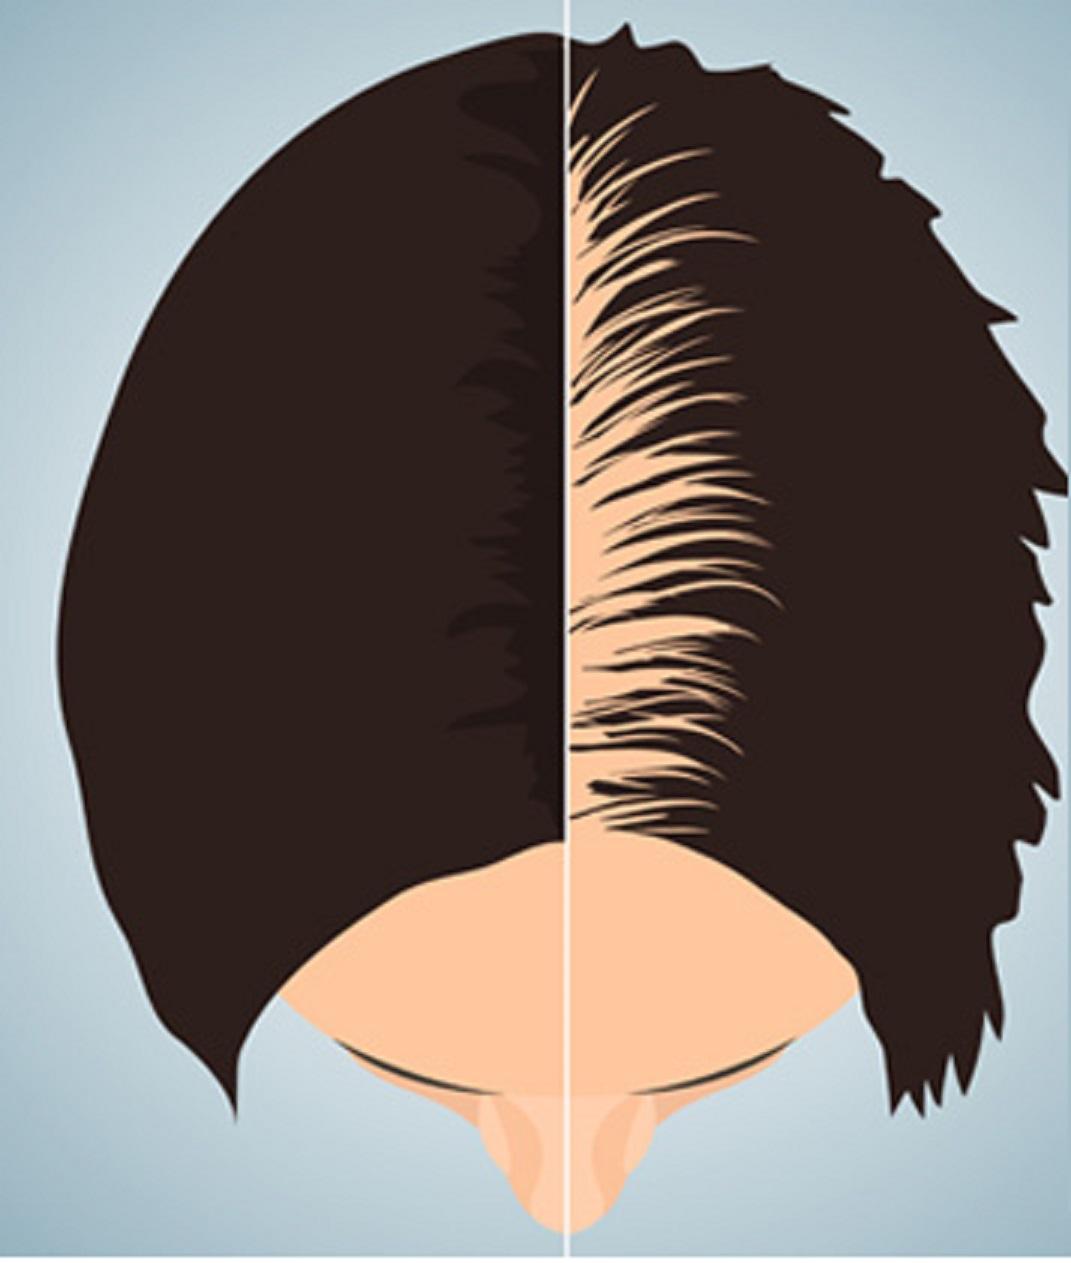 مدل های ریزش مو ارتباط ریزش مو و بیماری ها